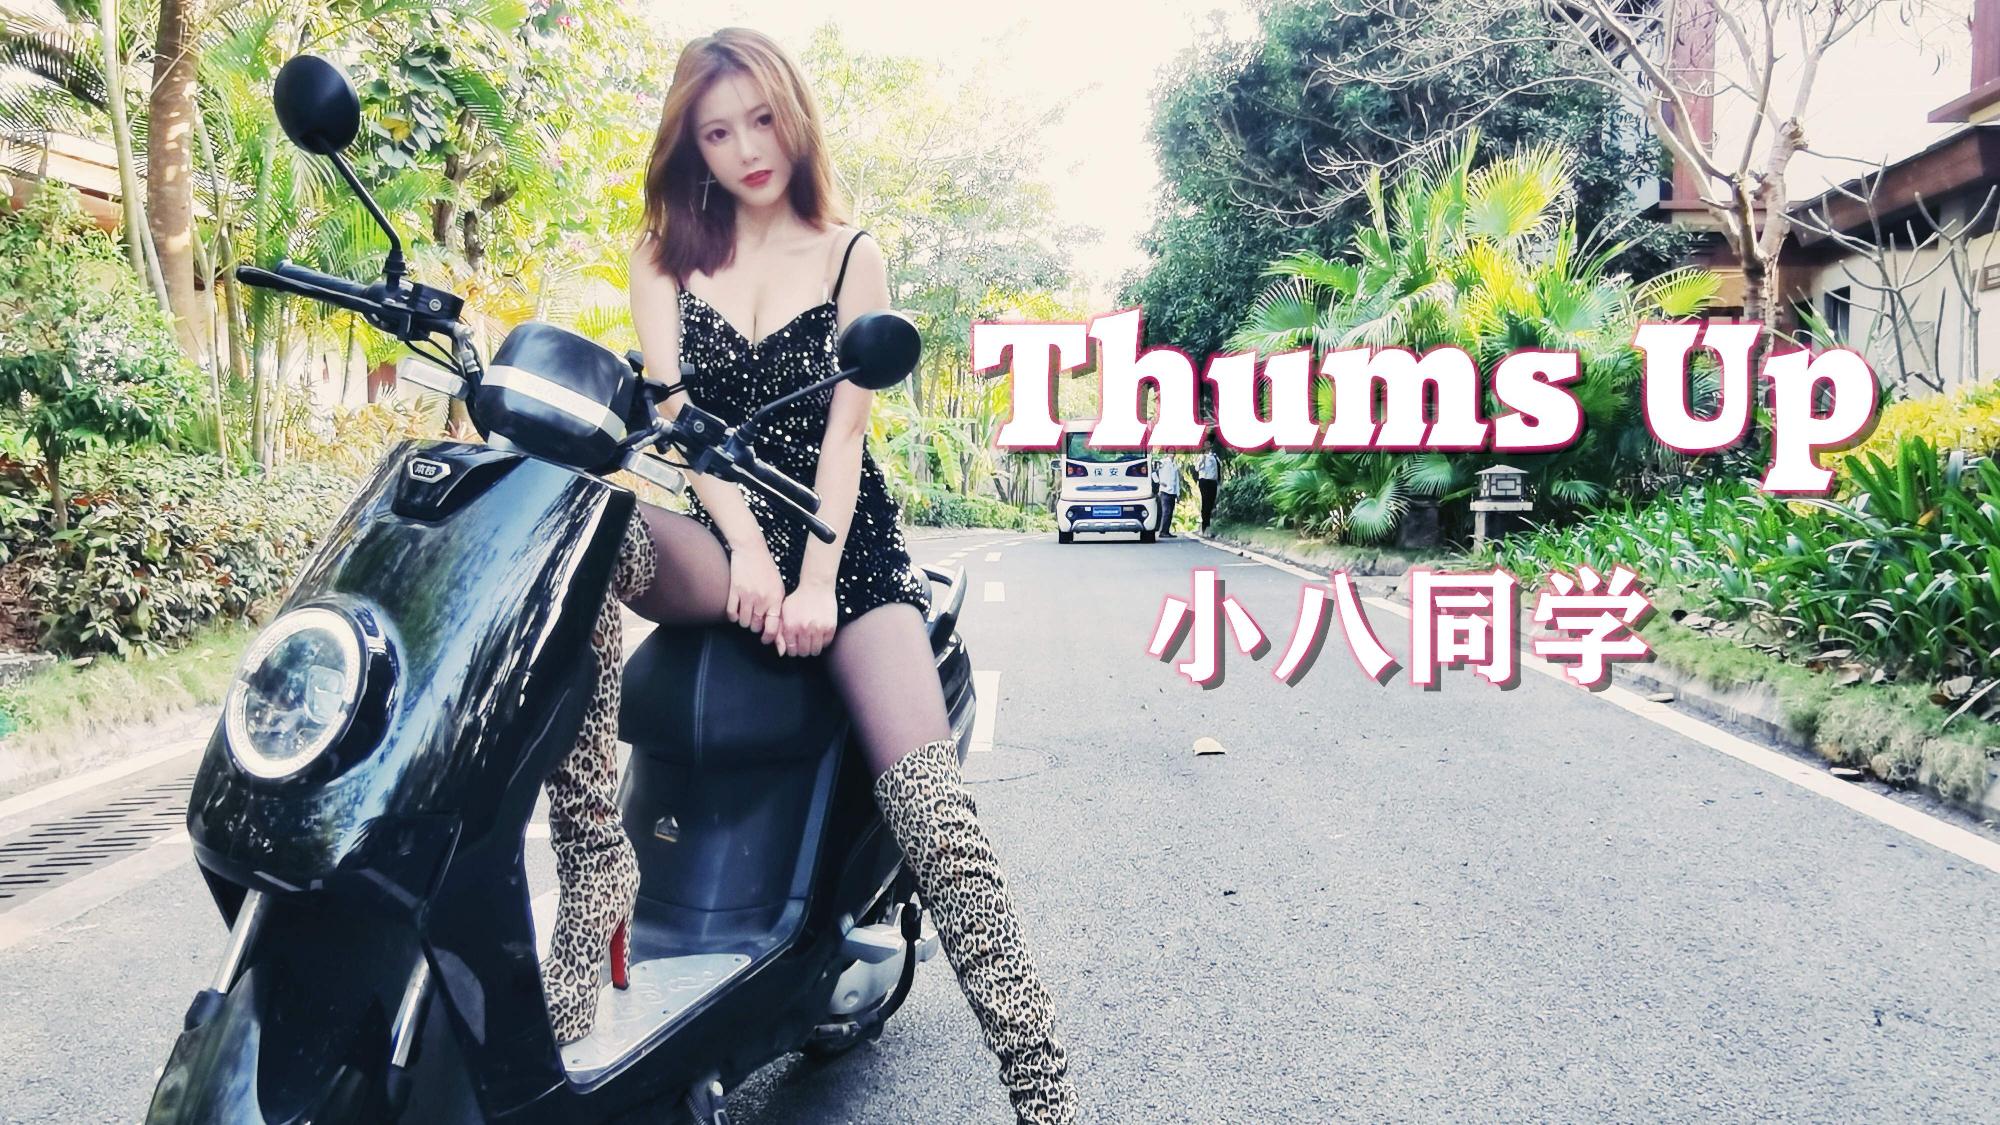 【Thumbs Up】小八同学 鬼火少女 路边蹦迪 只有身上的亮片够多才能成为村头最靓的妞